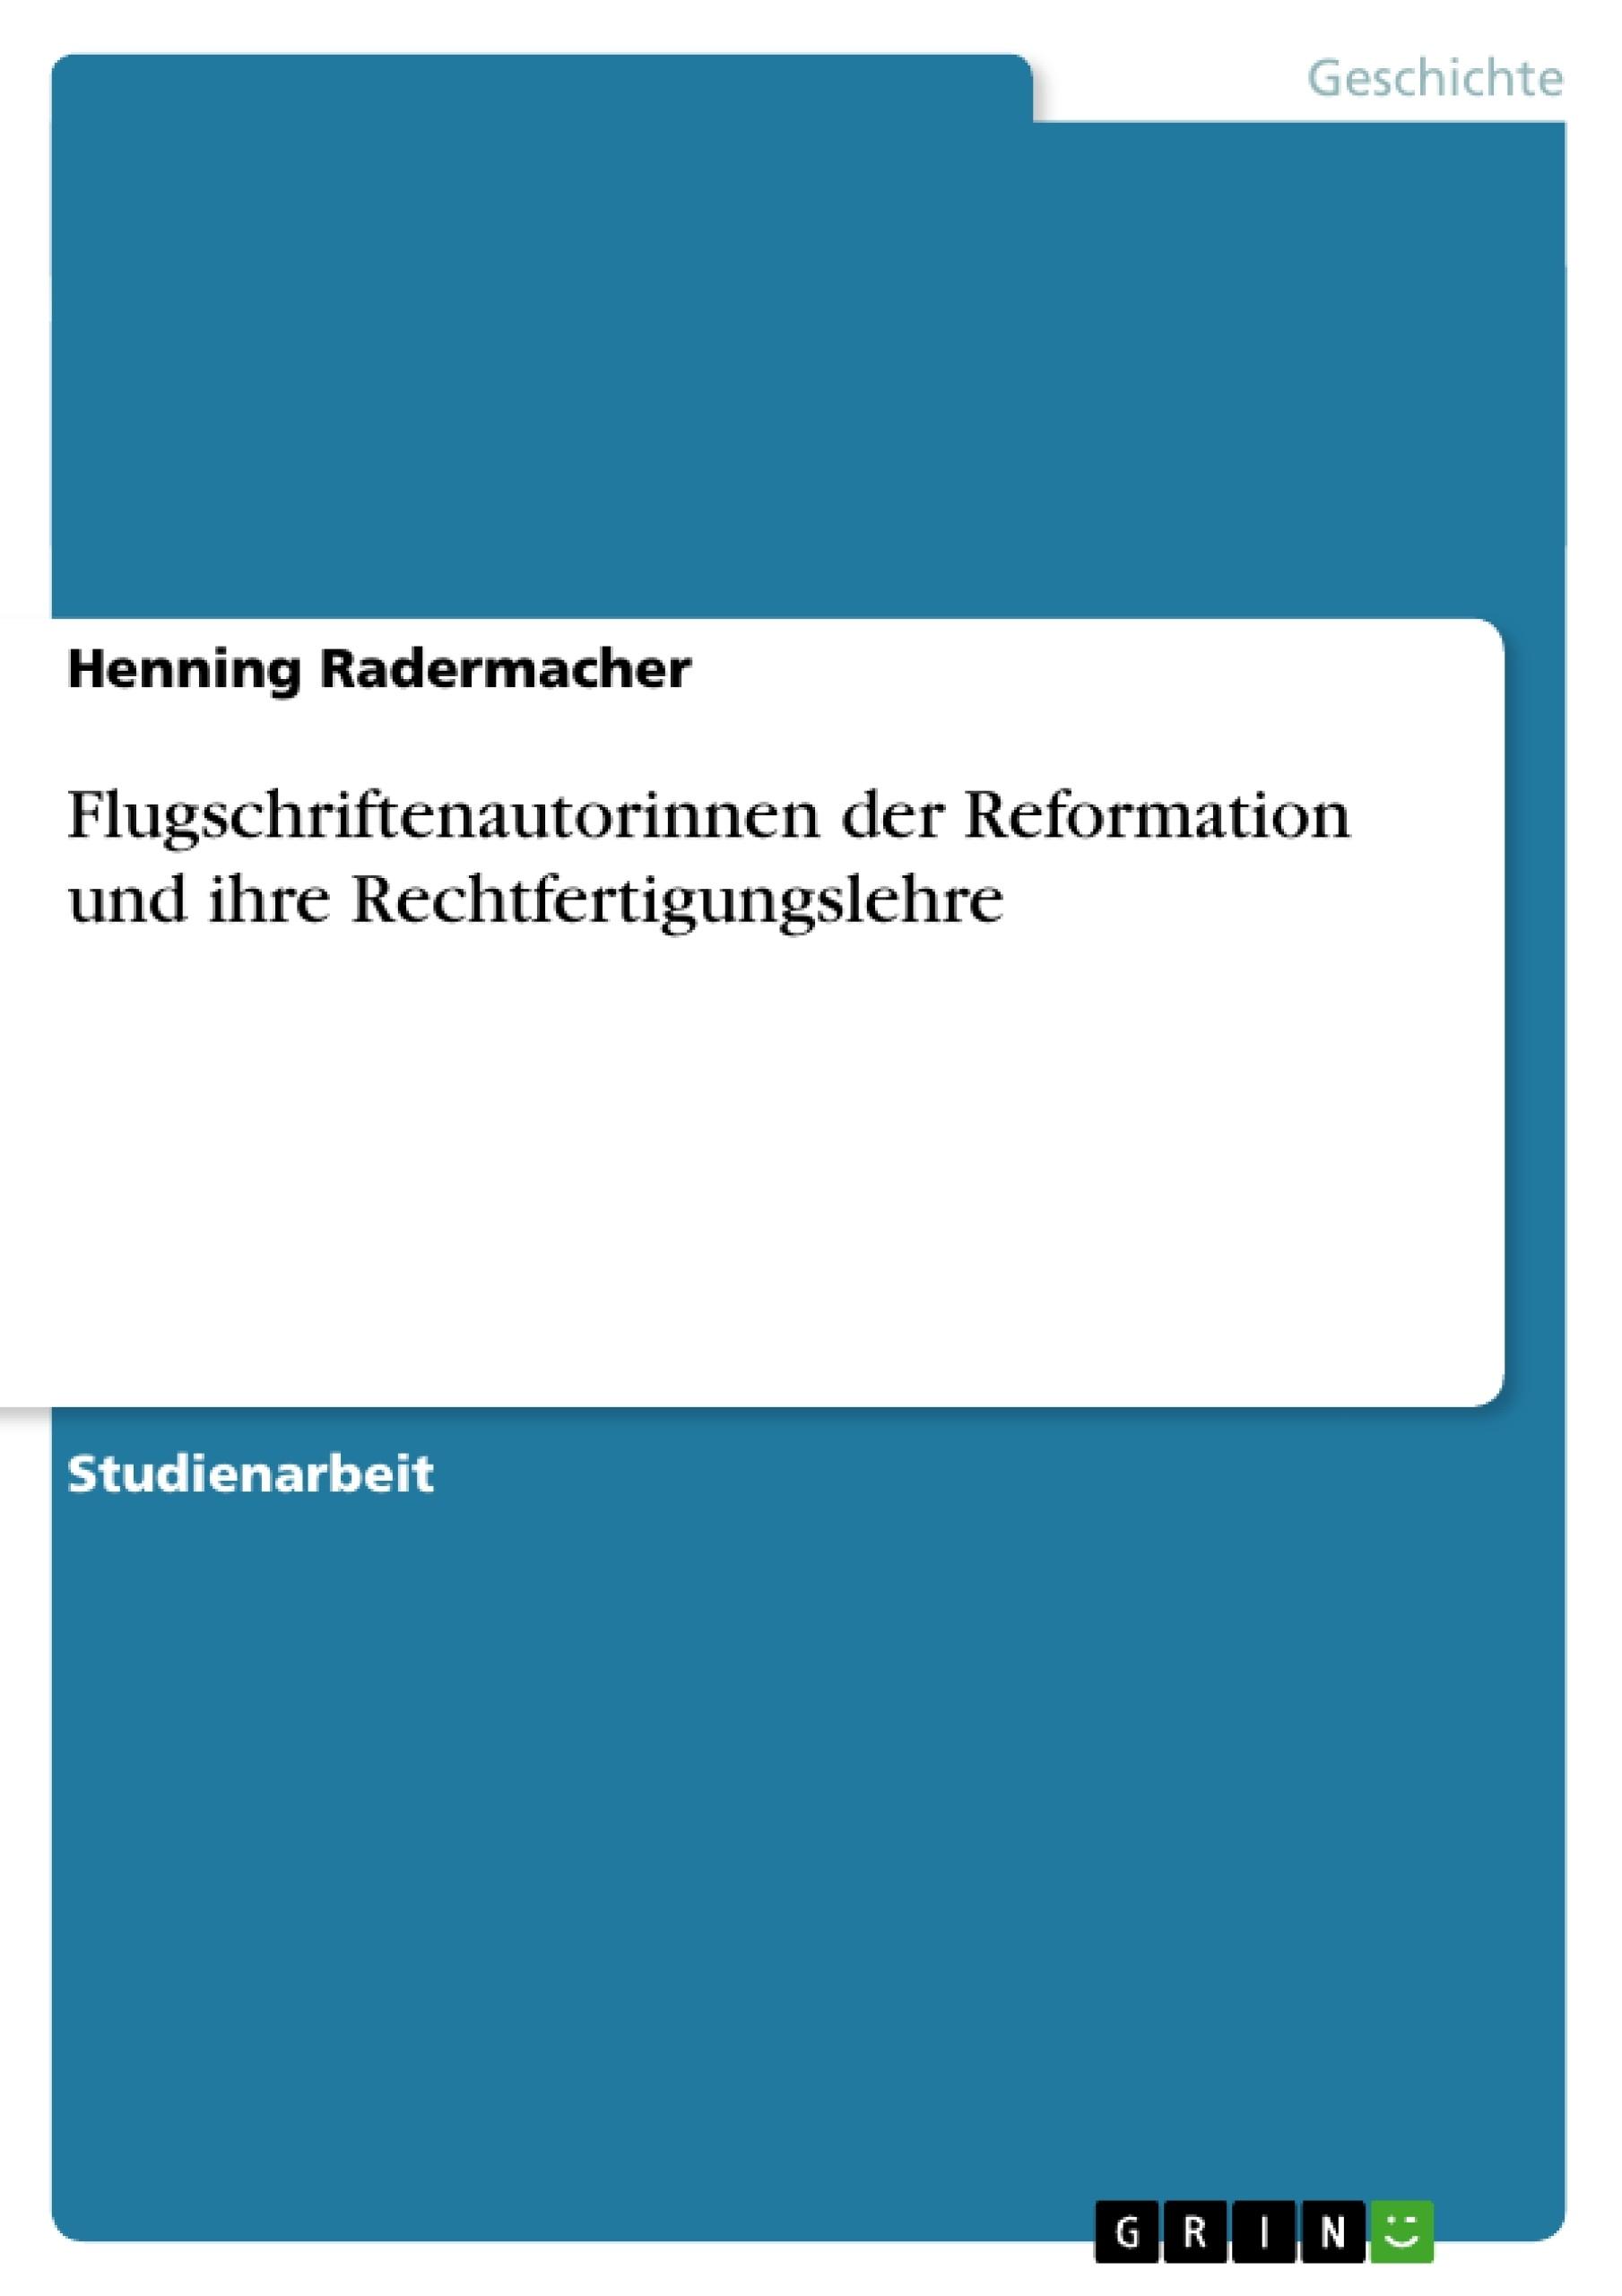 Titel: Flugschriftenautorinnen der Reformation und ihre Rechtfertigungslehre